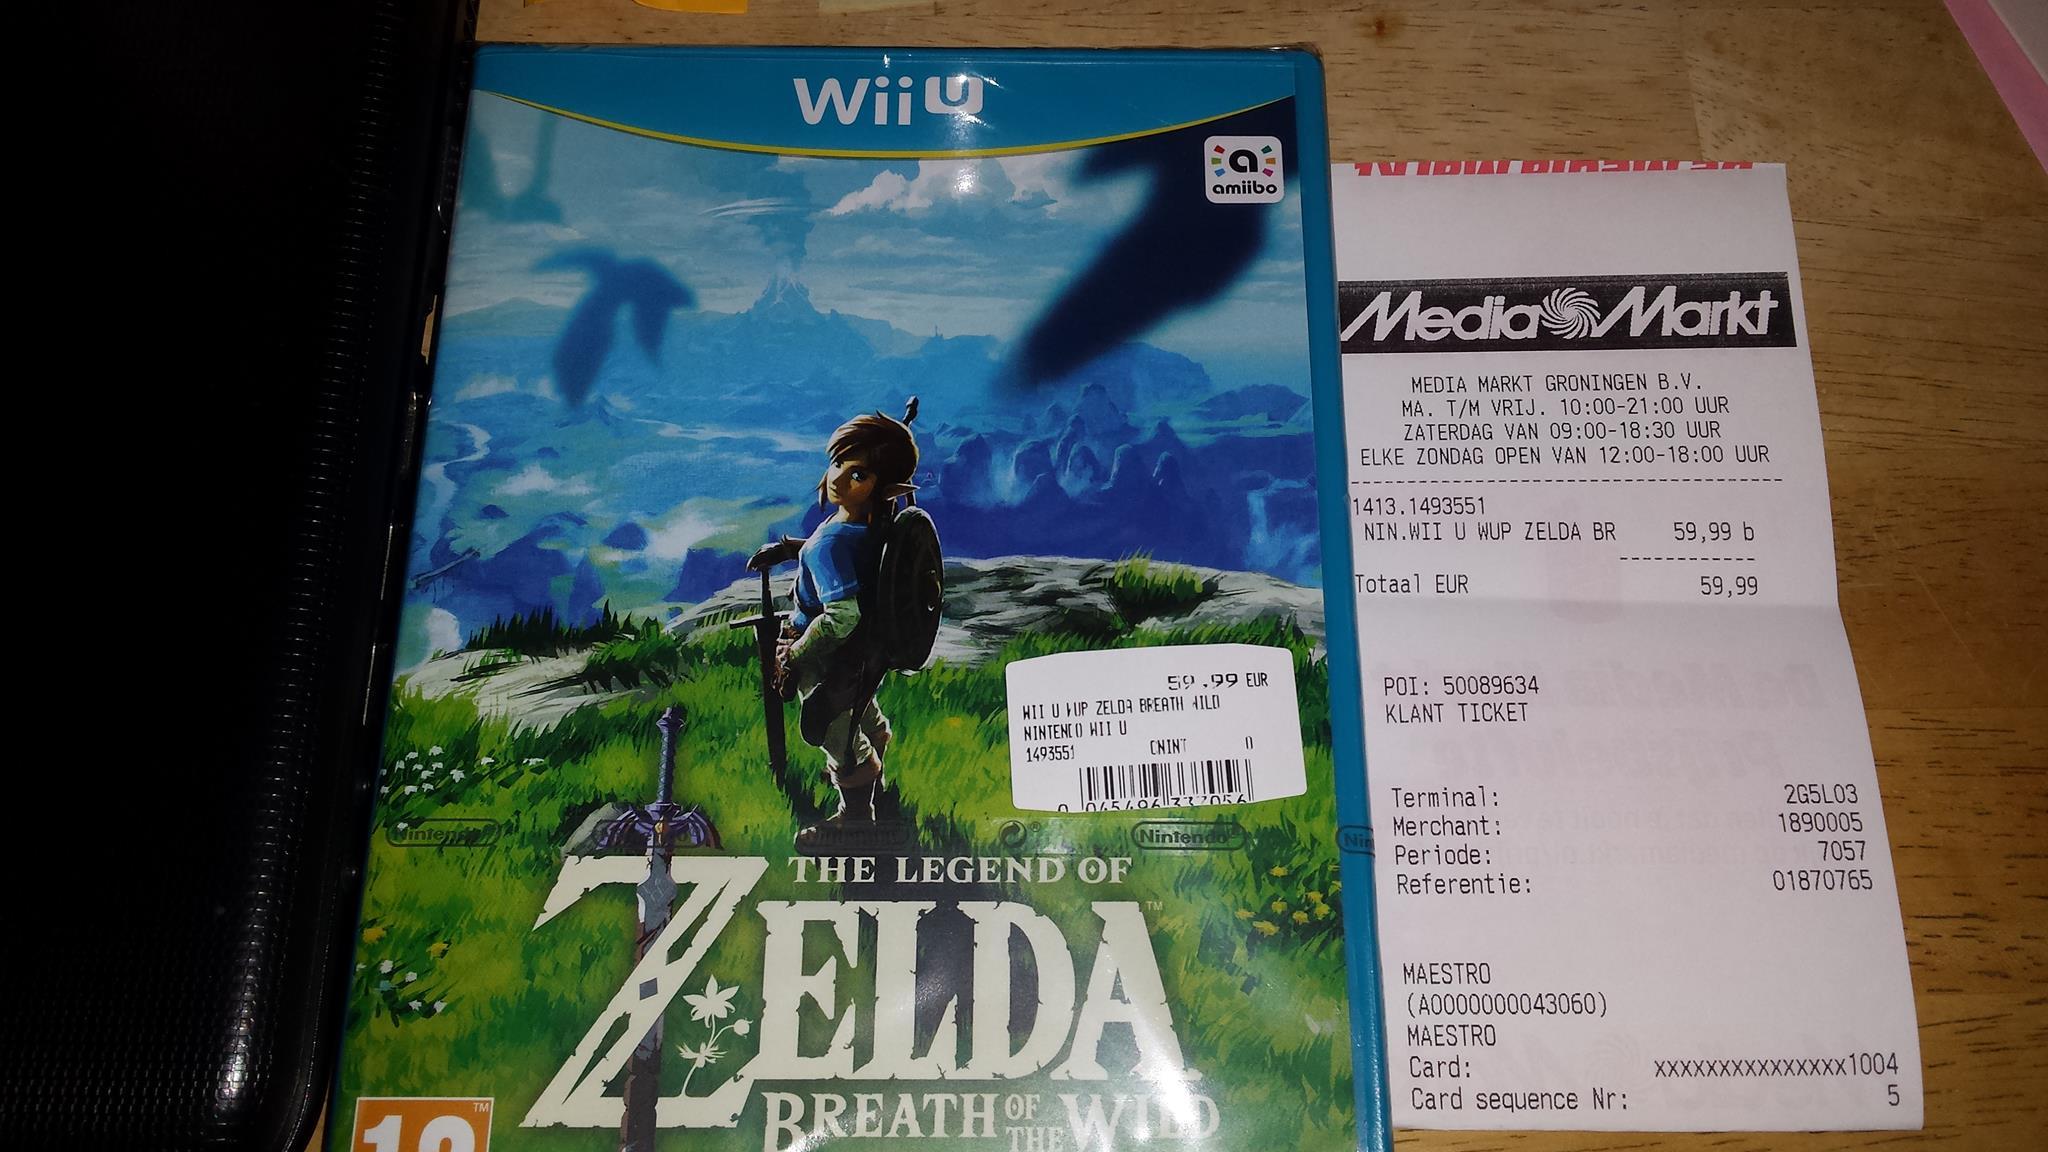 Netherlands Retailer Sells The Legend Of Zelda Breath